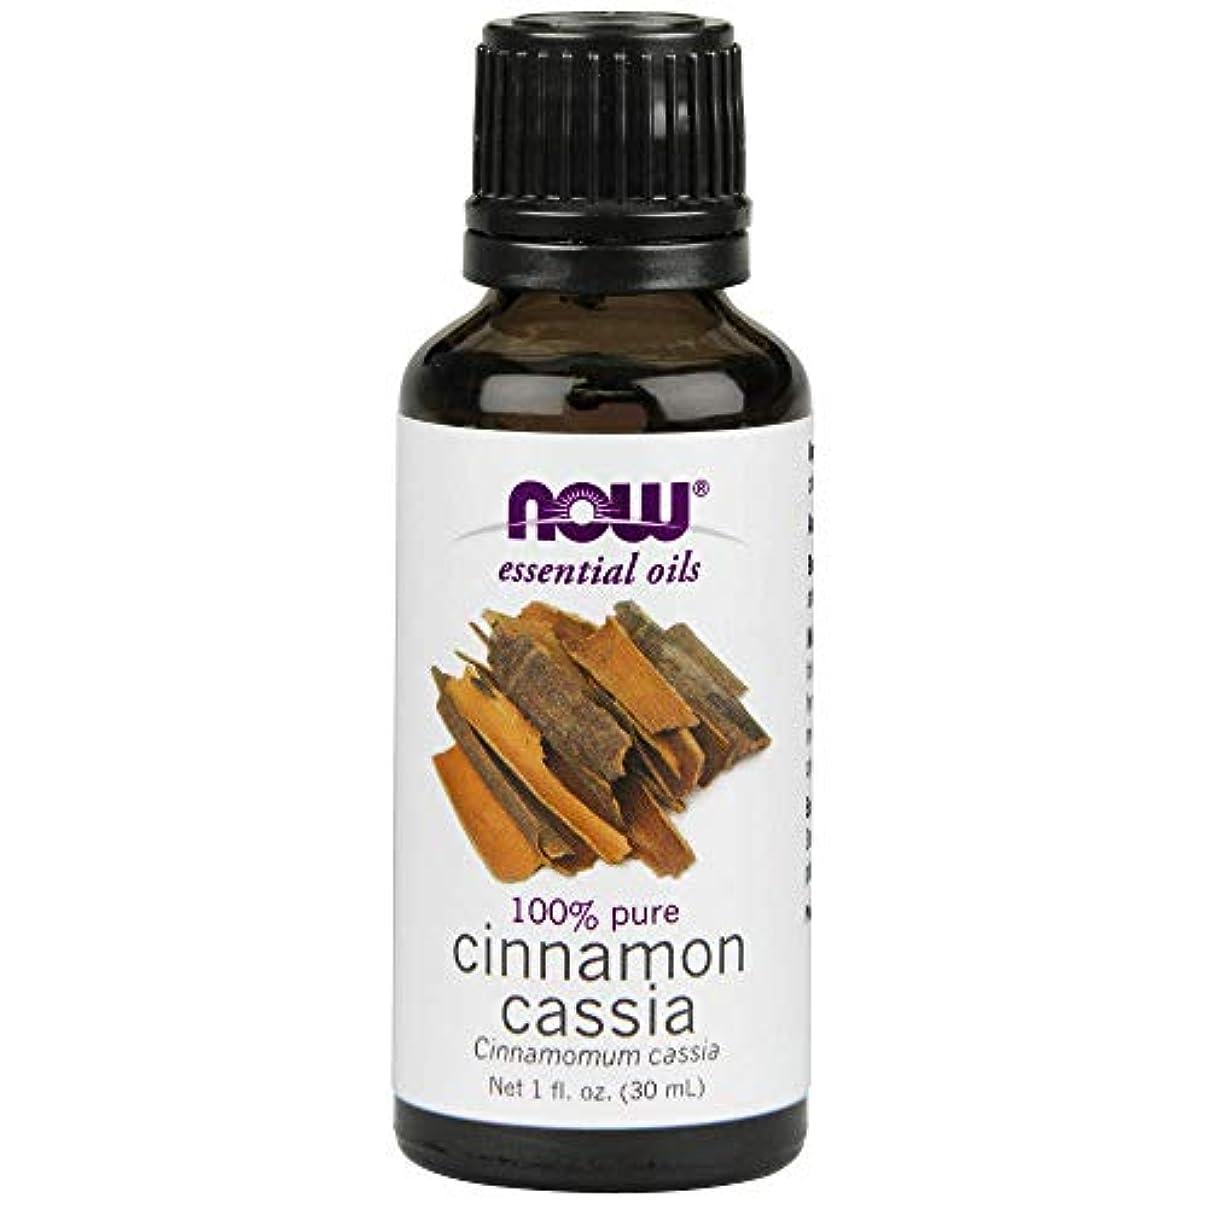 亡命浸した発行Now - Cinnamon Cassia Oil 100% Pure 1 oz (30 ml) [並行輸入品]